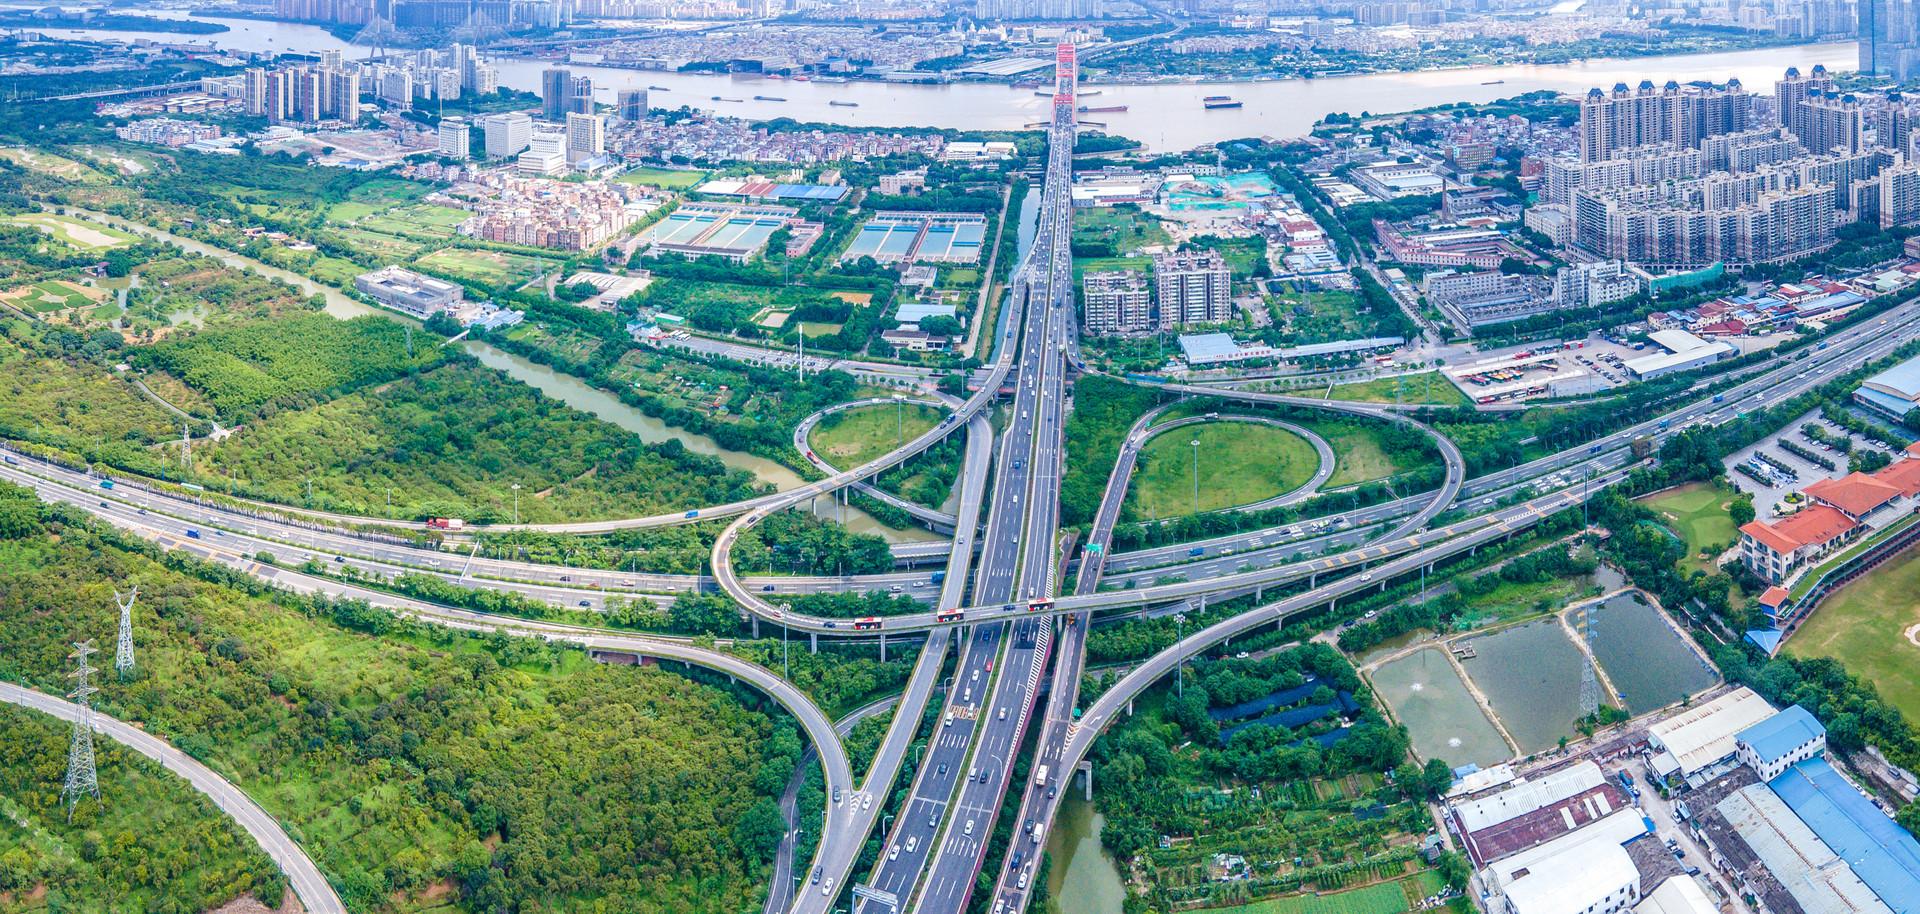 藏在高速服务区里的万亿生意